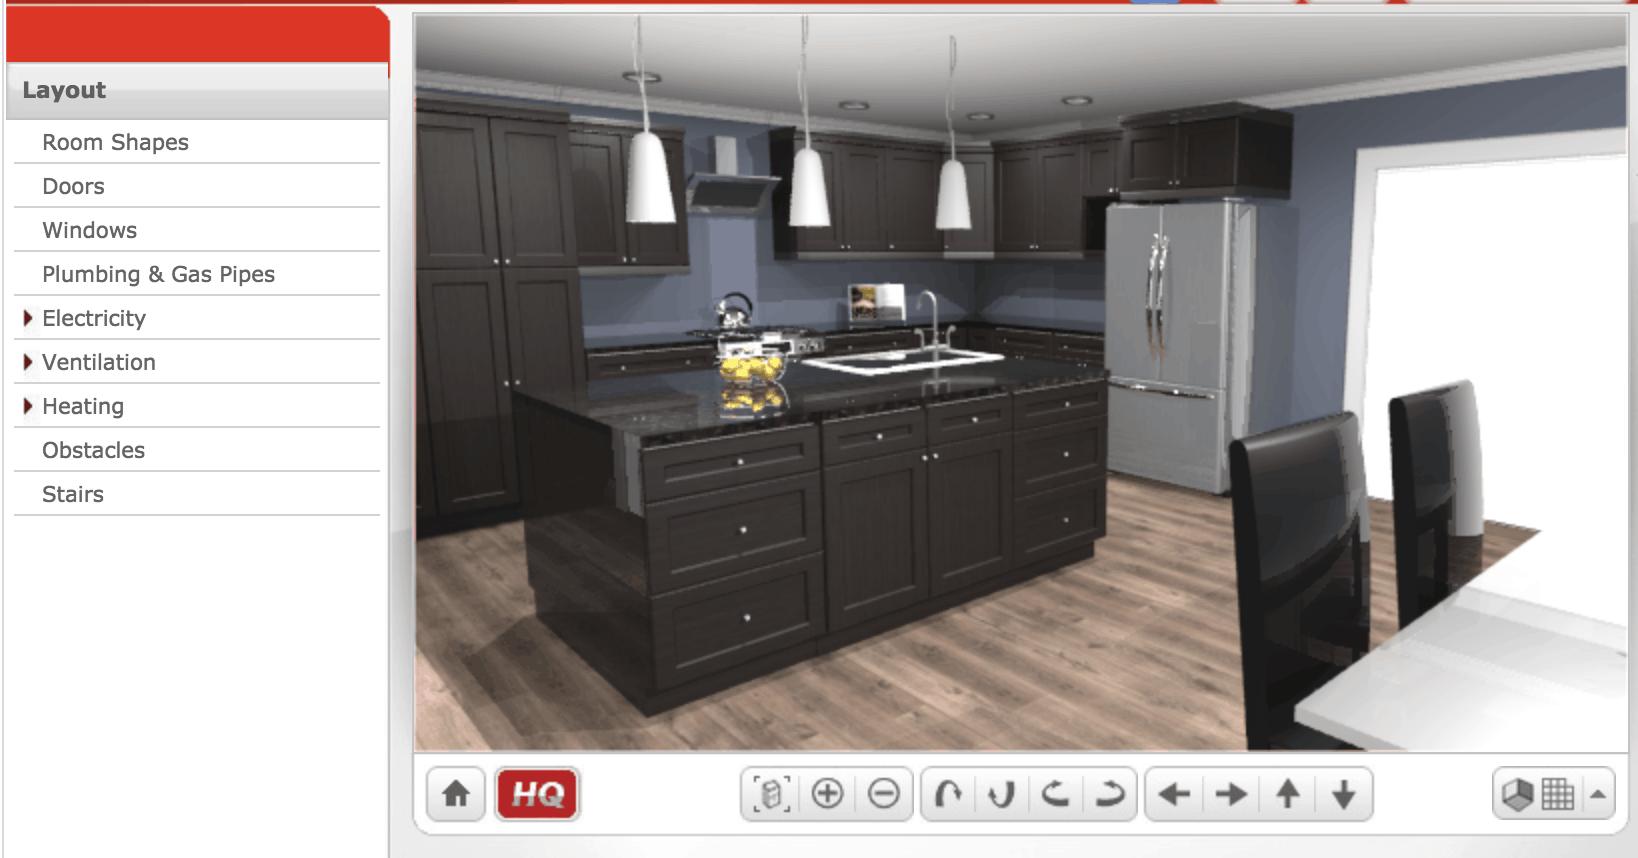 24 Best Online Kitchen Design Software Options in 2020 ...